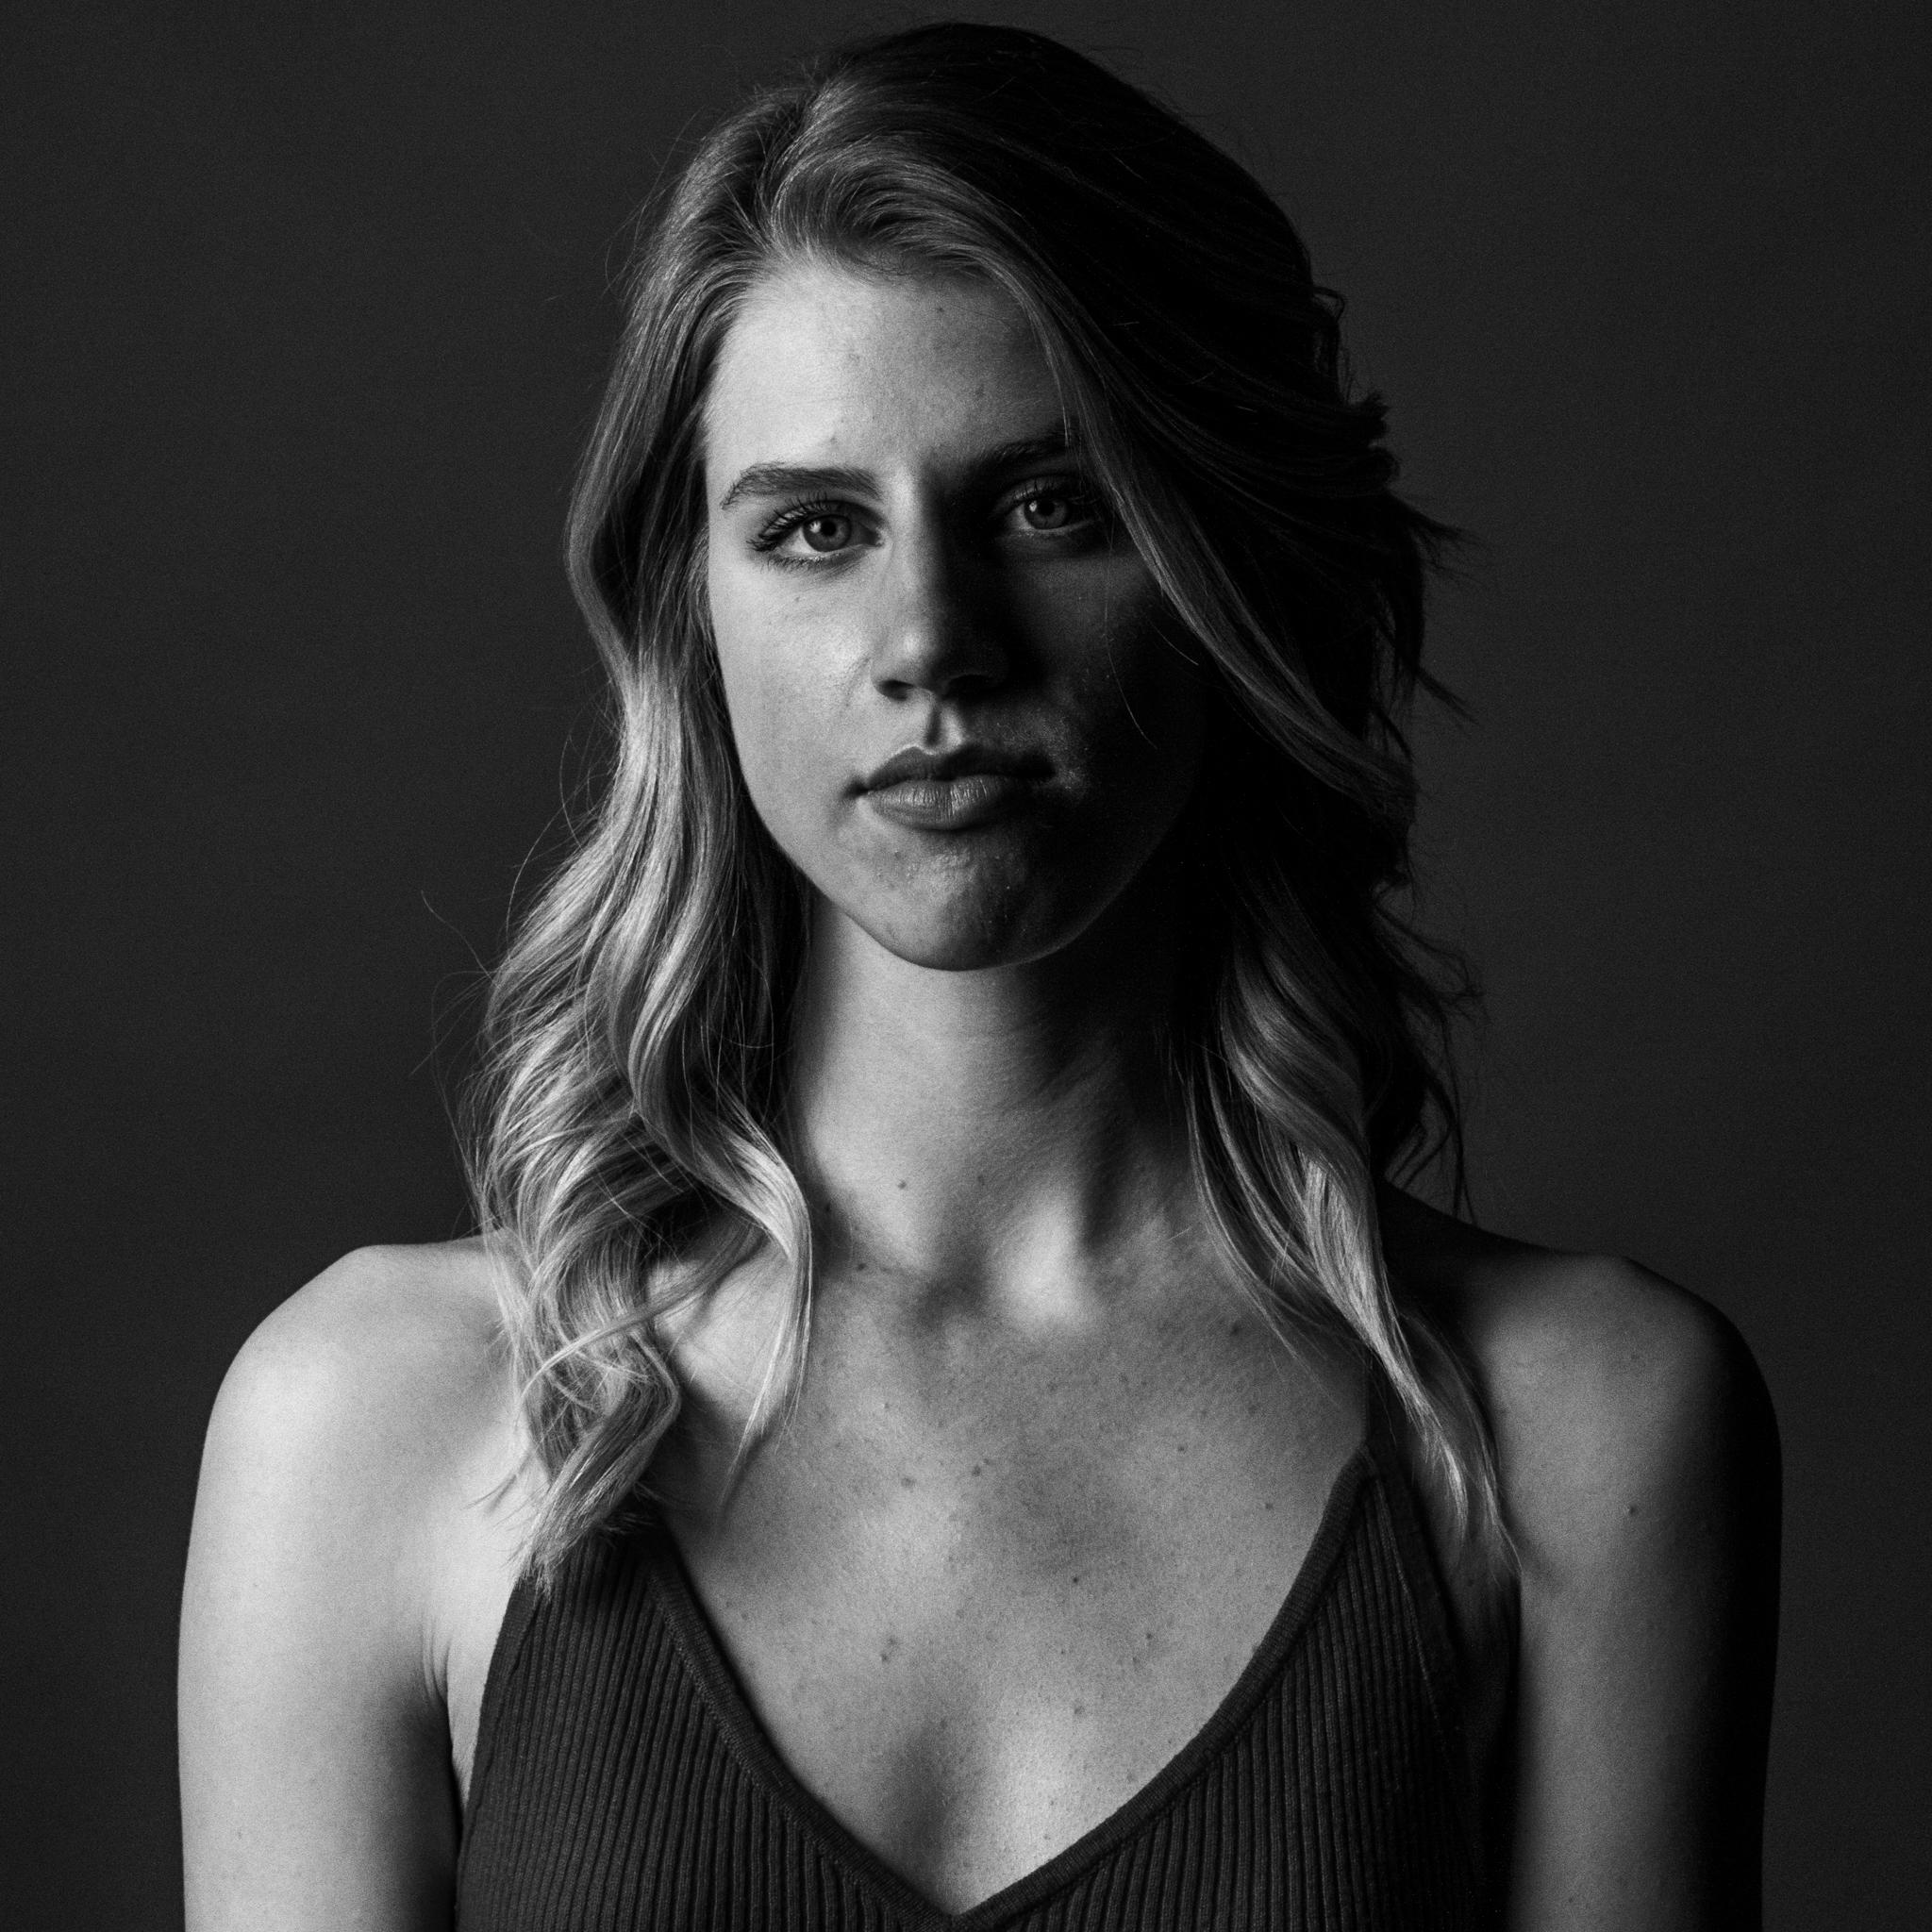 Claire Hutch by Thomas Sawyer